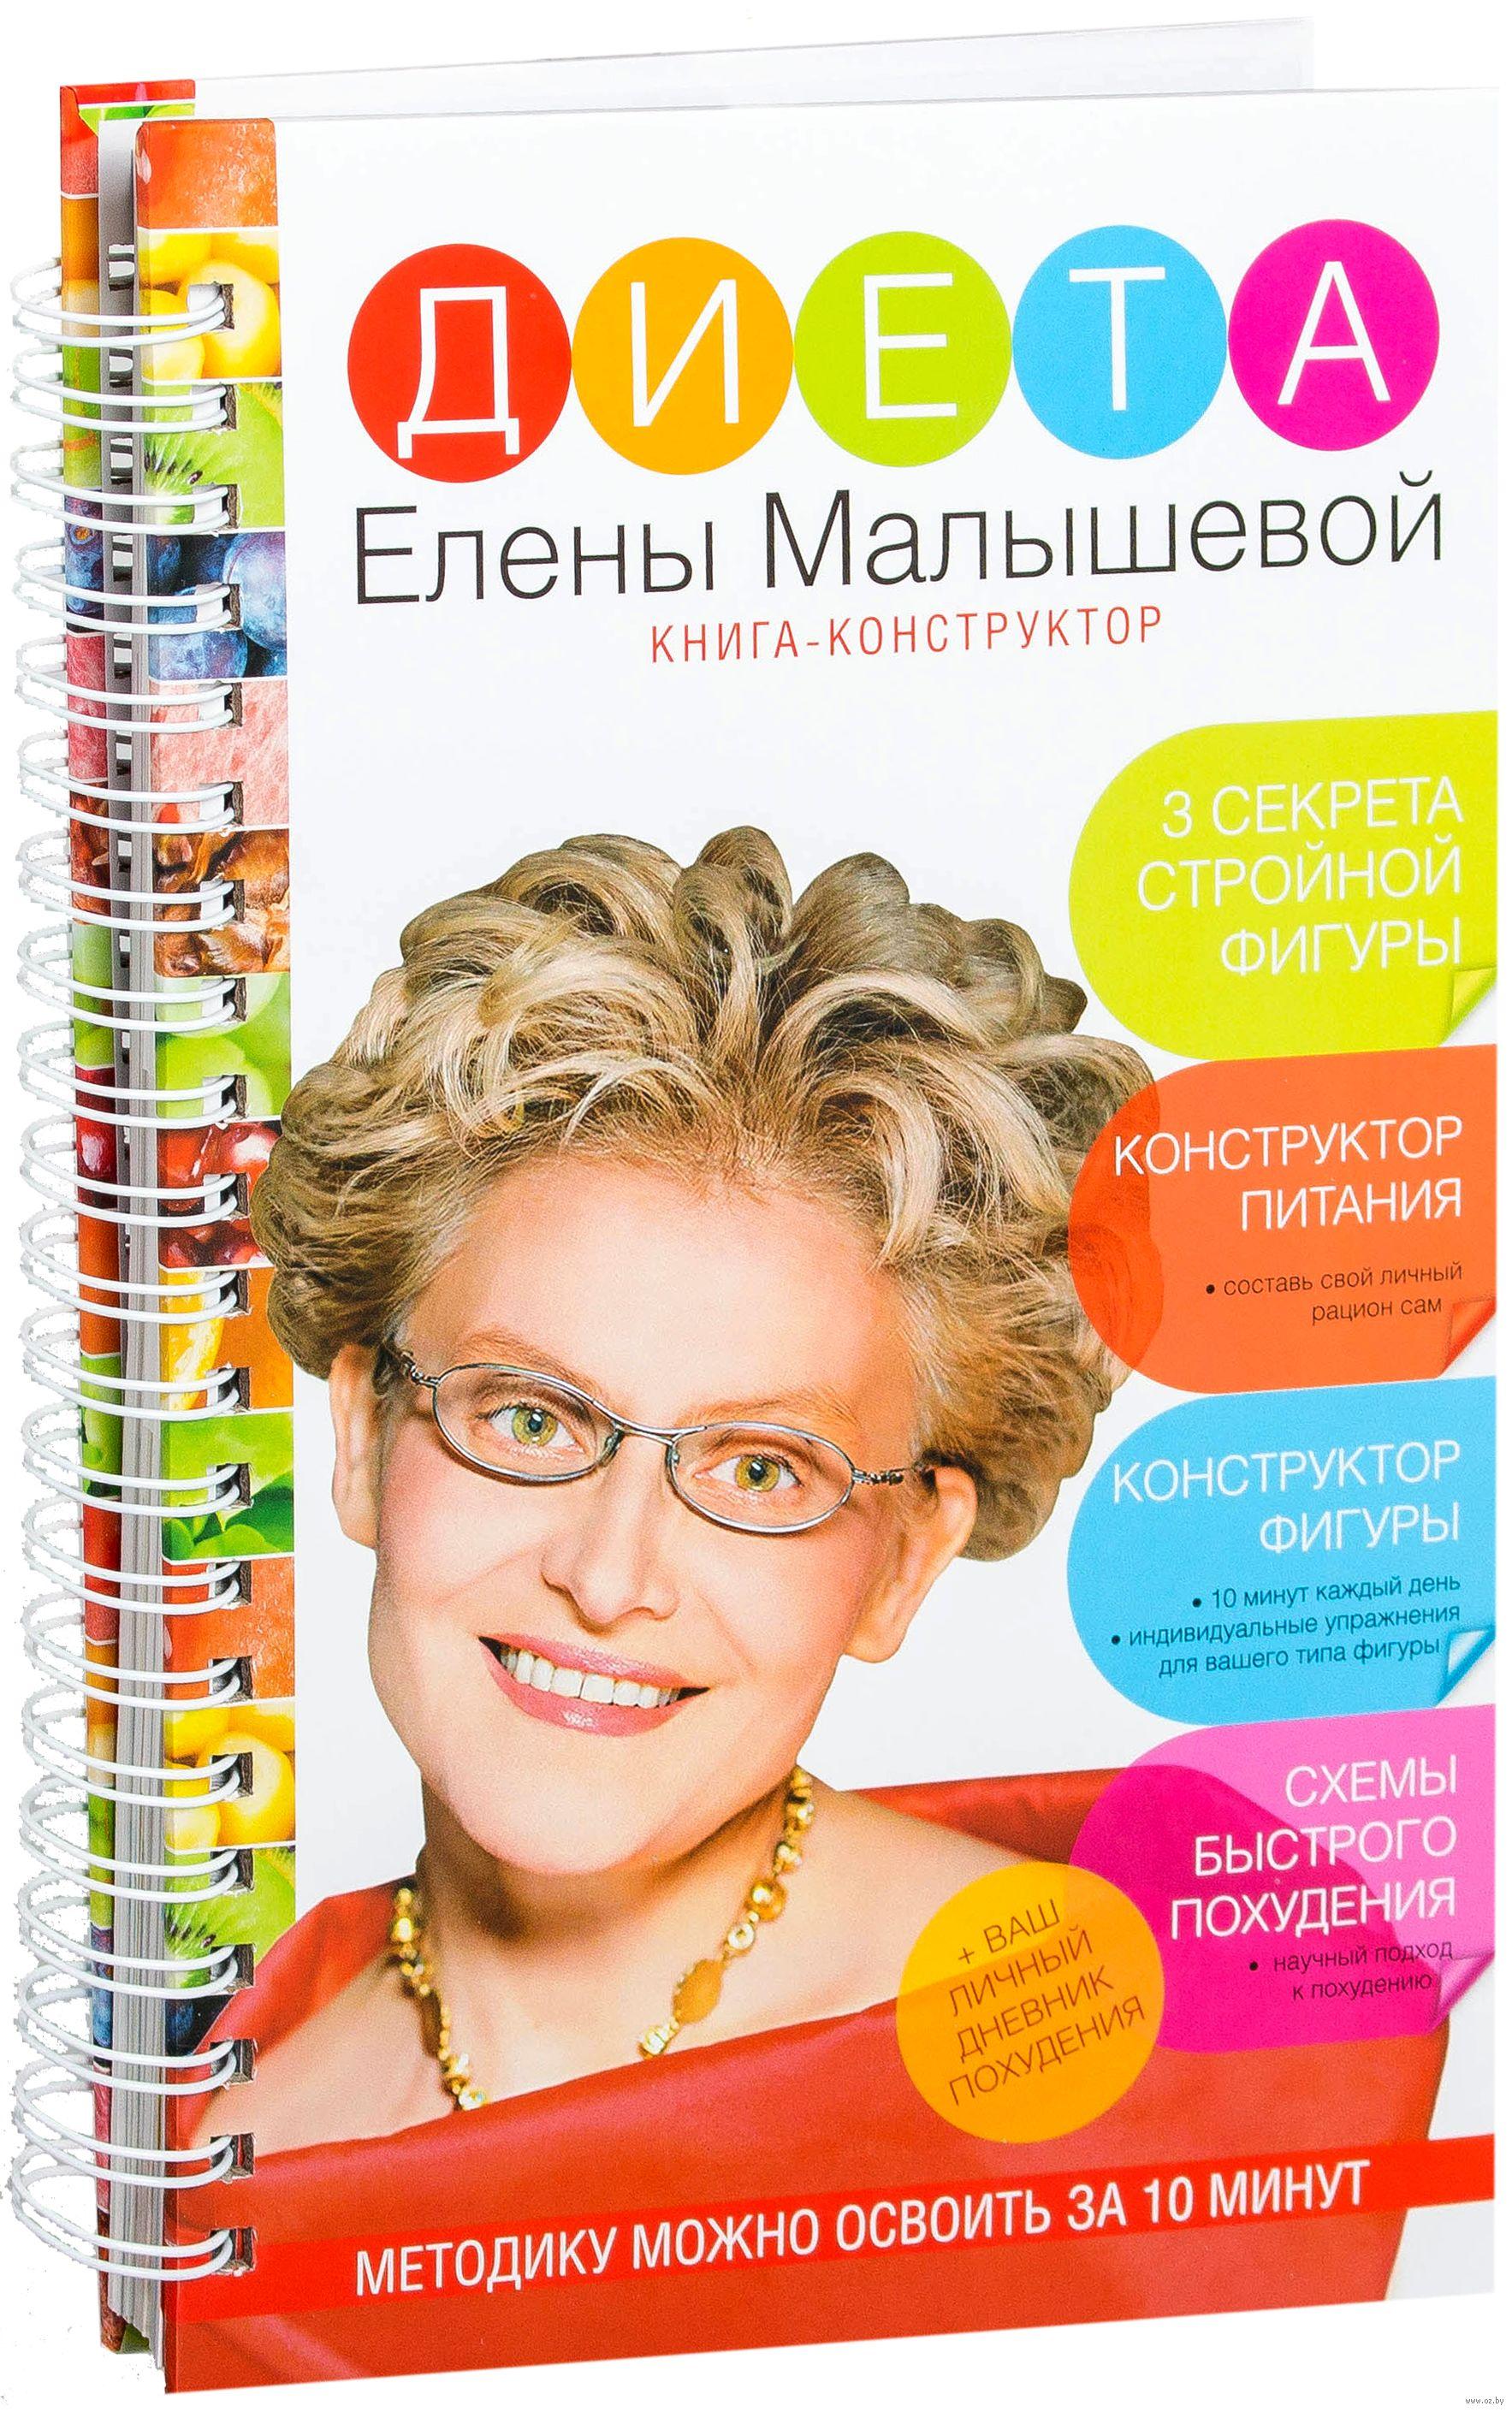 Елена Диета Ру. Десять бесплатных диет от Елены Малышевой